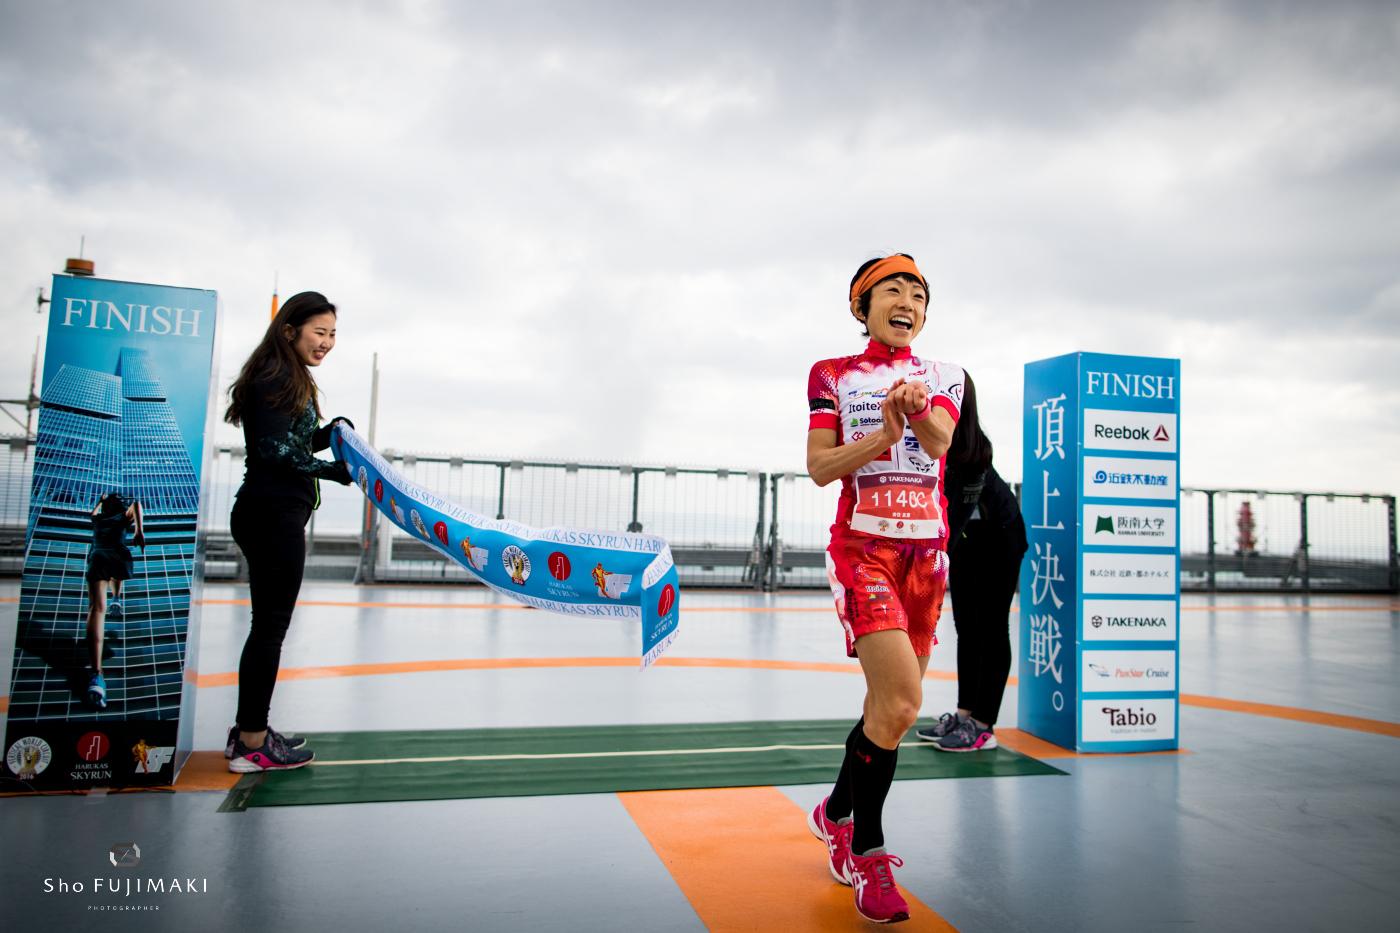 2016ハルカススカイランのゴールでも吉住はいつも通りの笑顔 🄫Sho Fujimaki